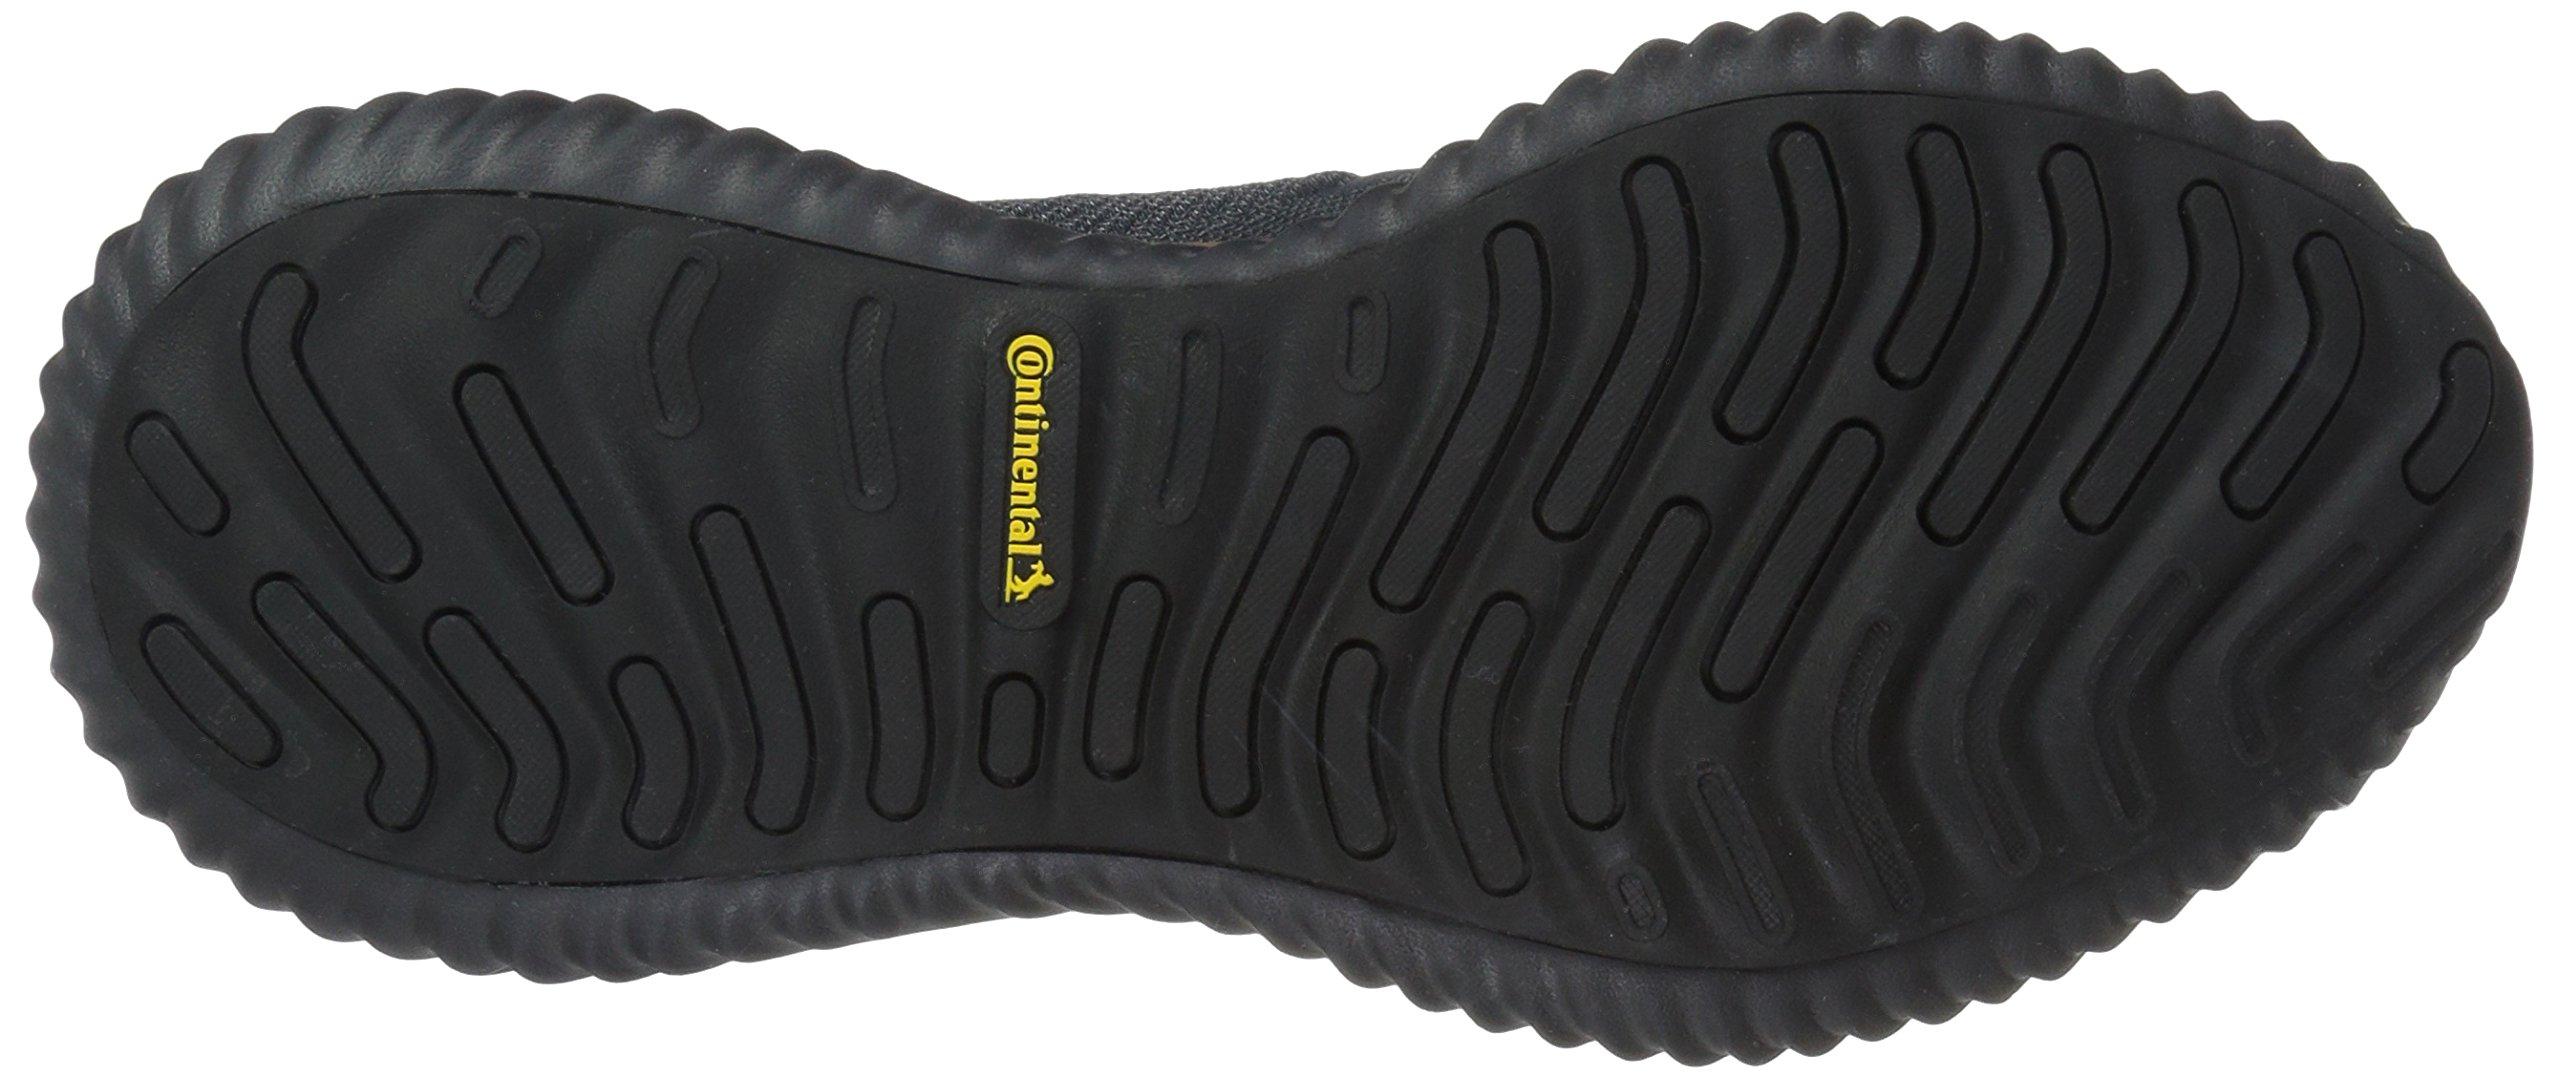 adidas Alphabounce 2 m, Grey Four/Carbon/Dark Solid Grey, 6.5 Medium US by adidas (Image #3)